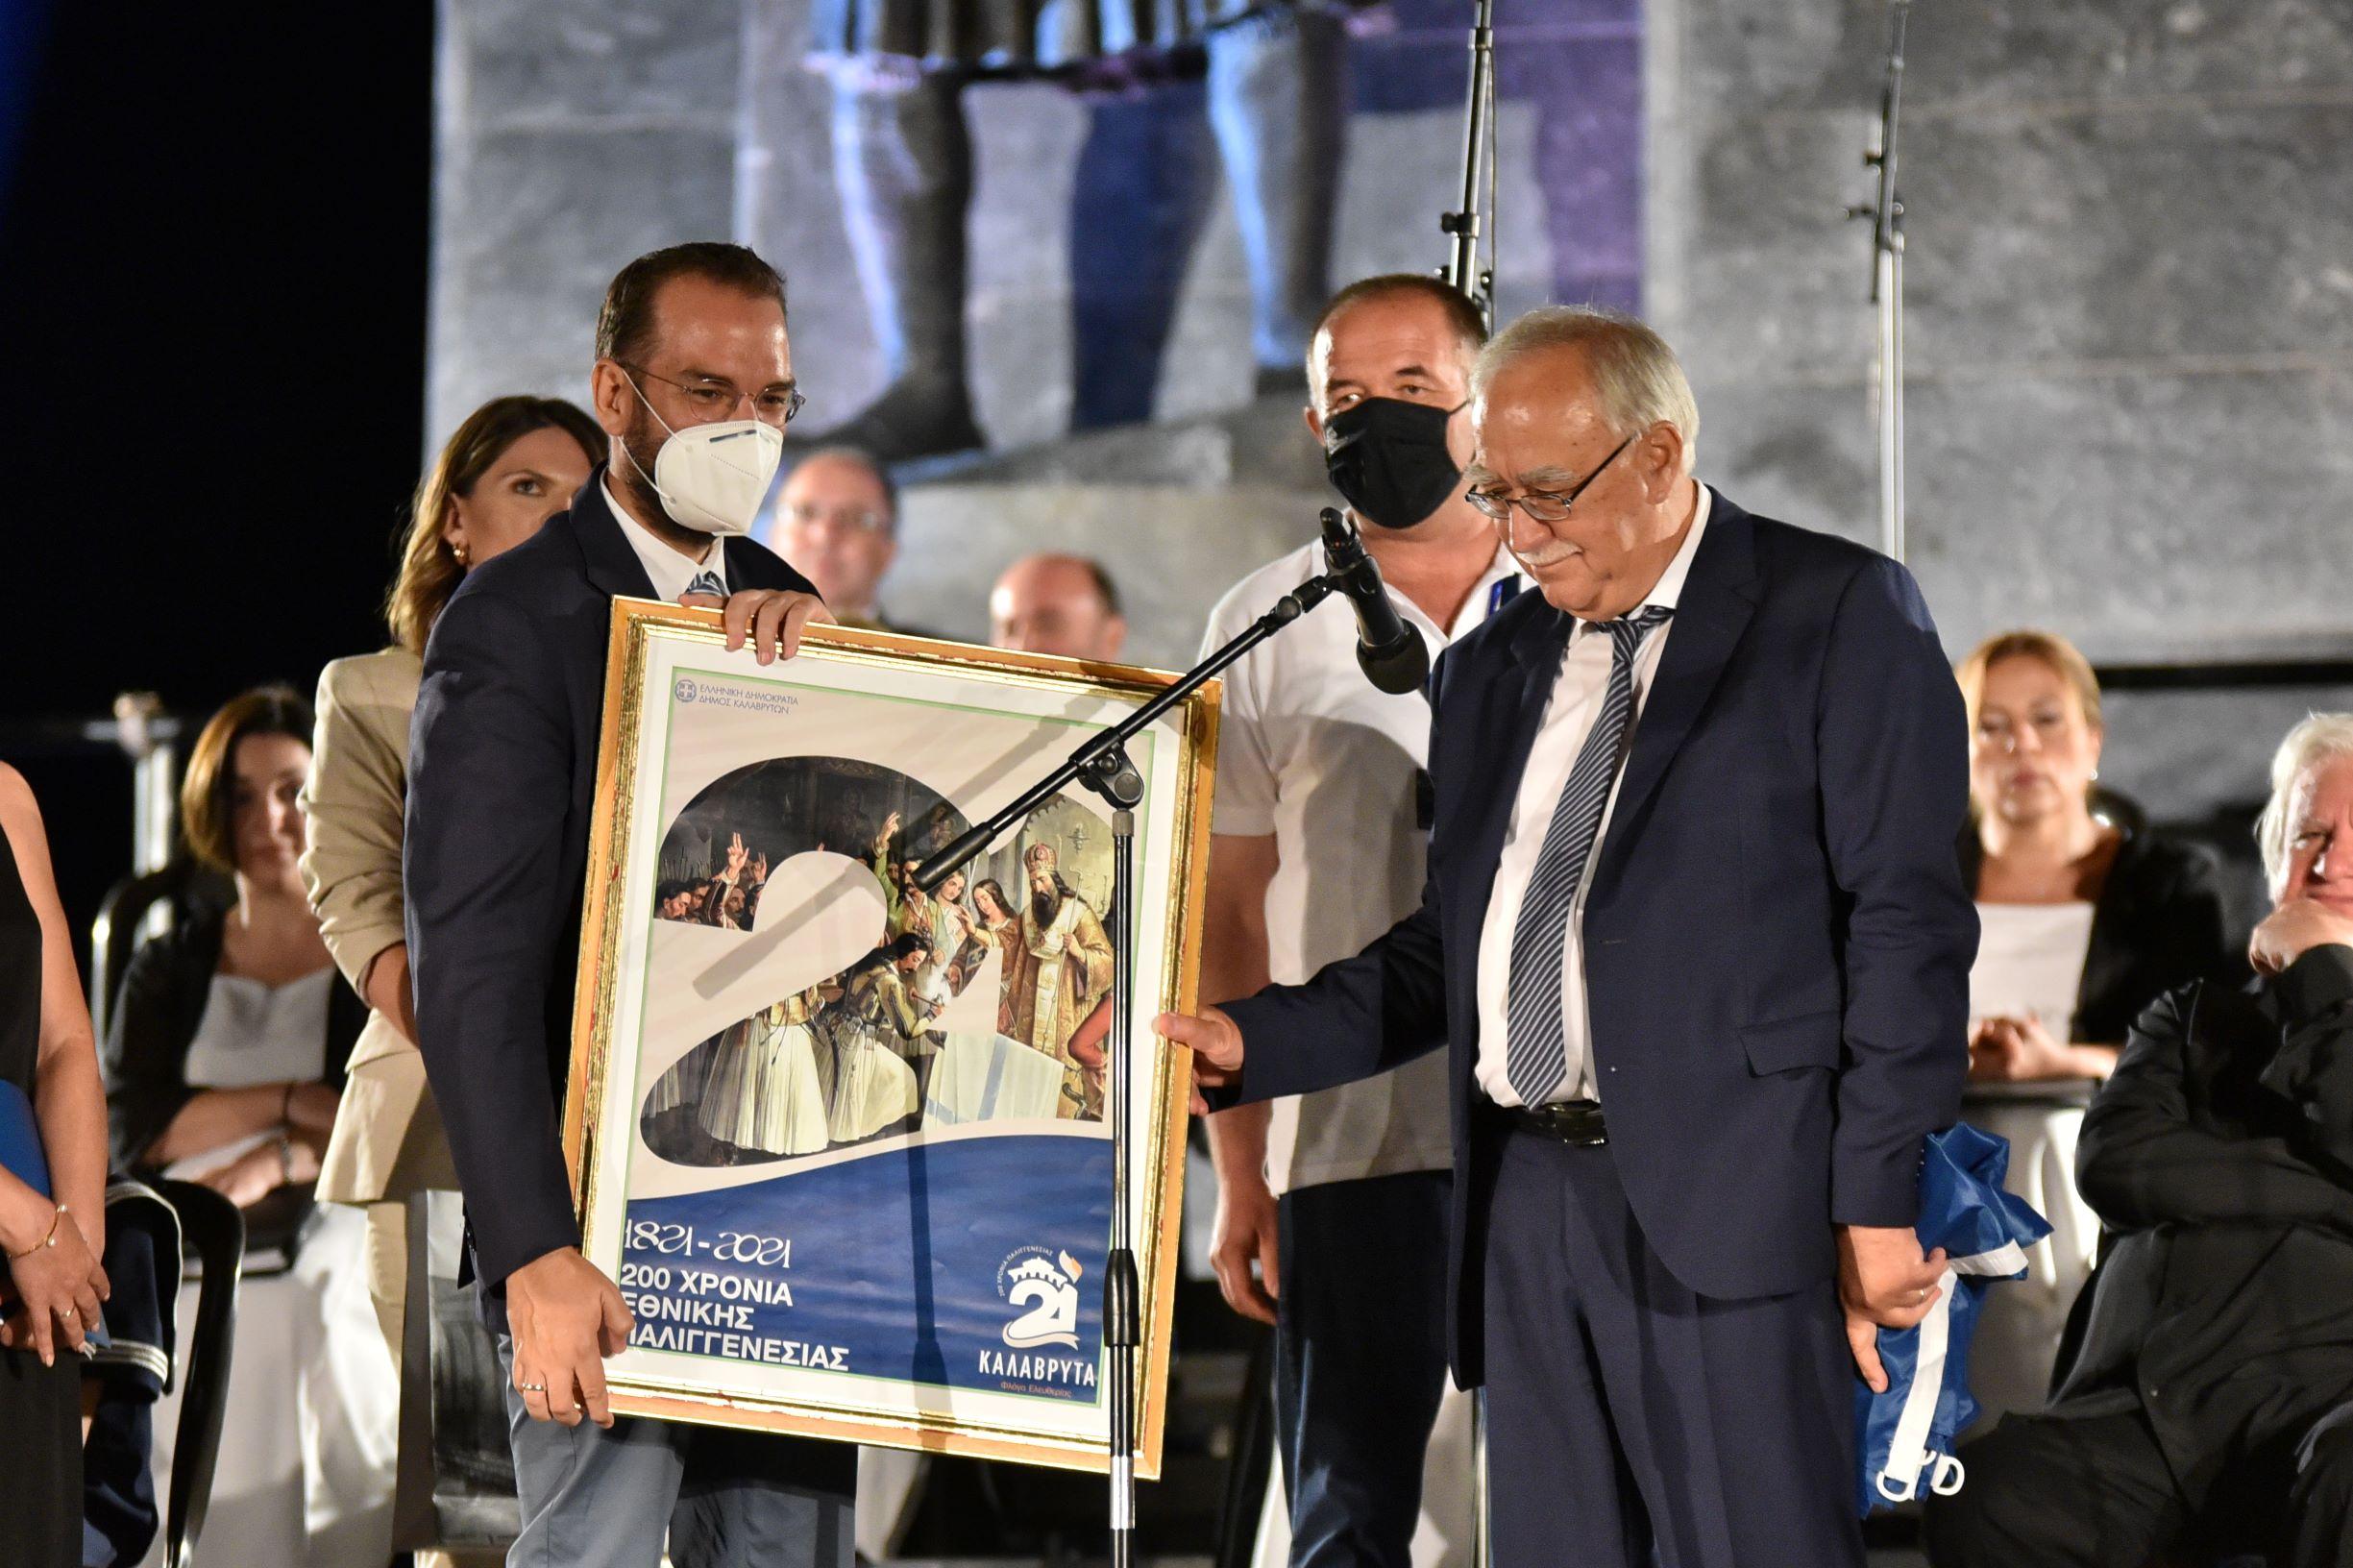 ΠΔΕ: «Υμνος εις την Ελευθερίαν» από τα Καλάβρυτα σε όλη την Ελλάδα (photos)